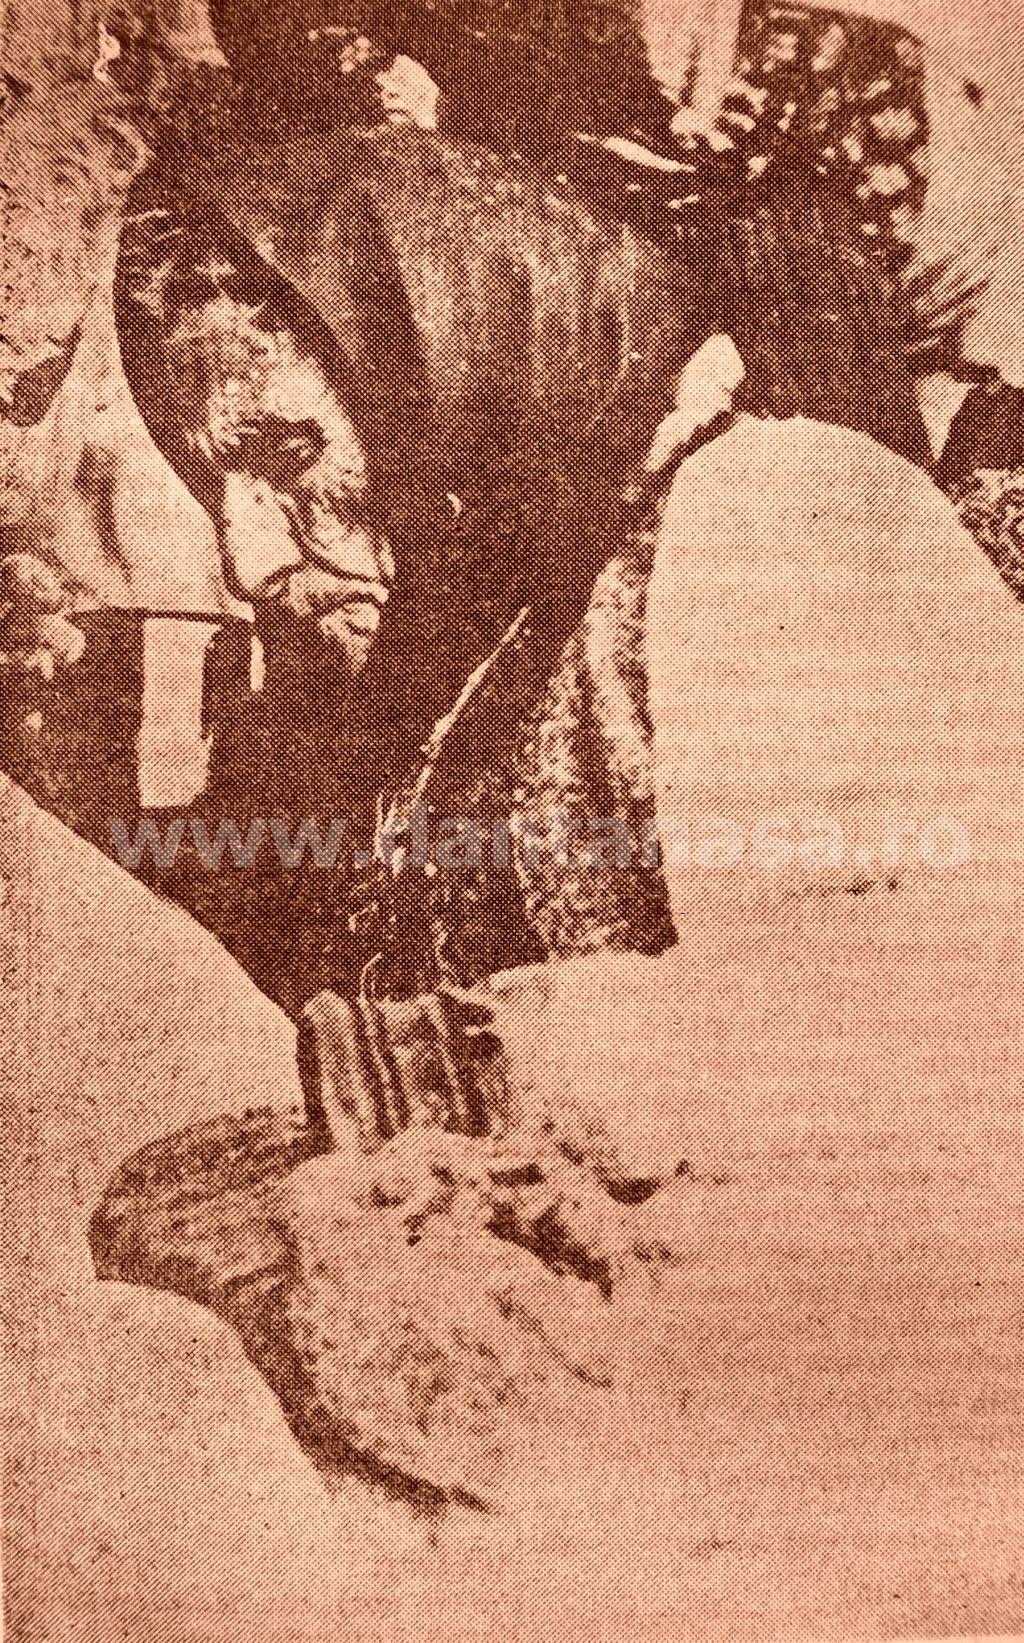 1940, sat Mihai Bravu, jud. Bihor. Țărancă româncă de 82 de ani expulzată de unguri de la vatră.